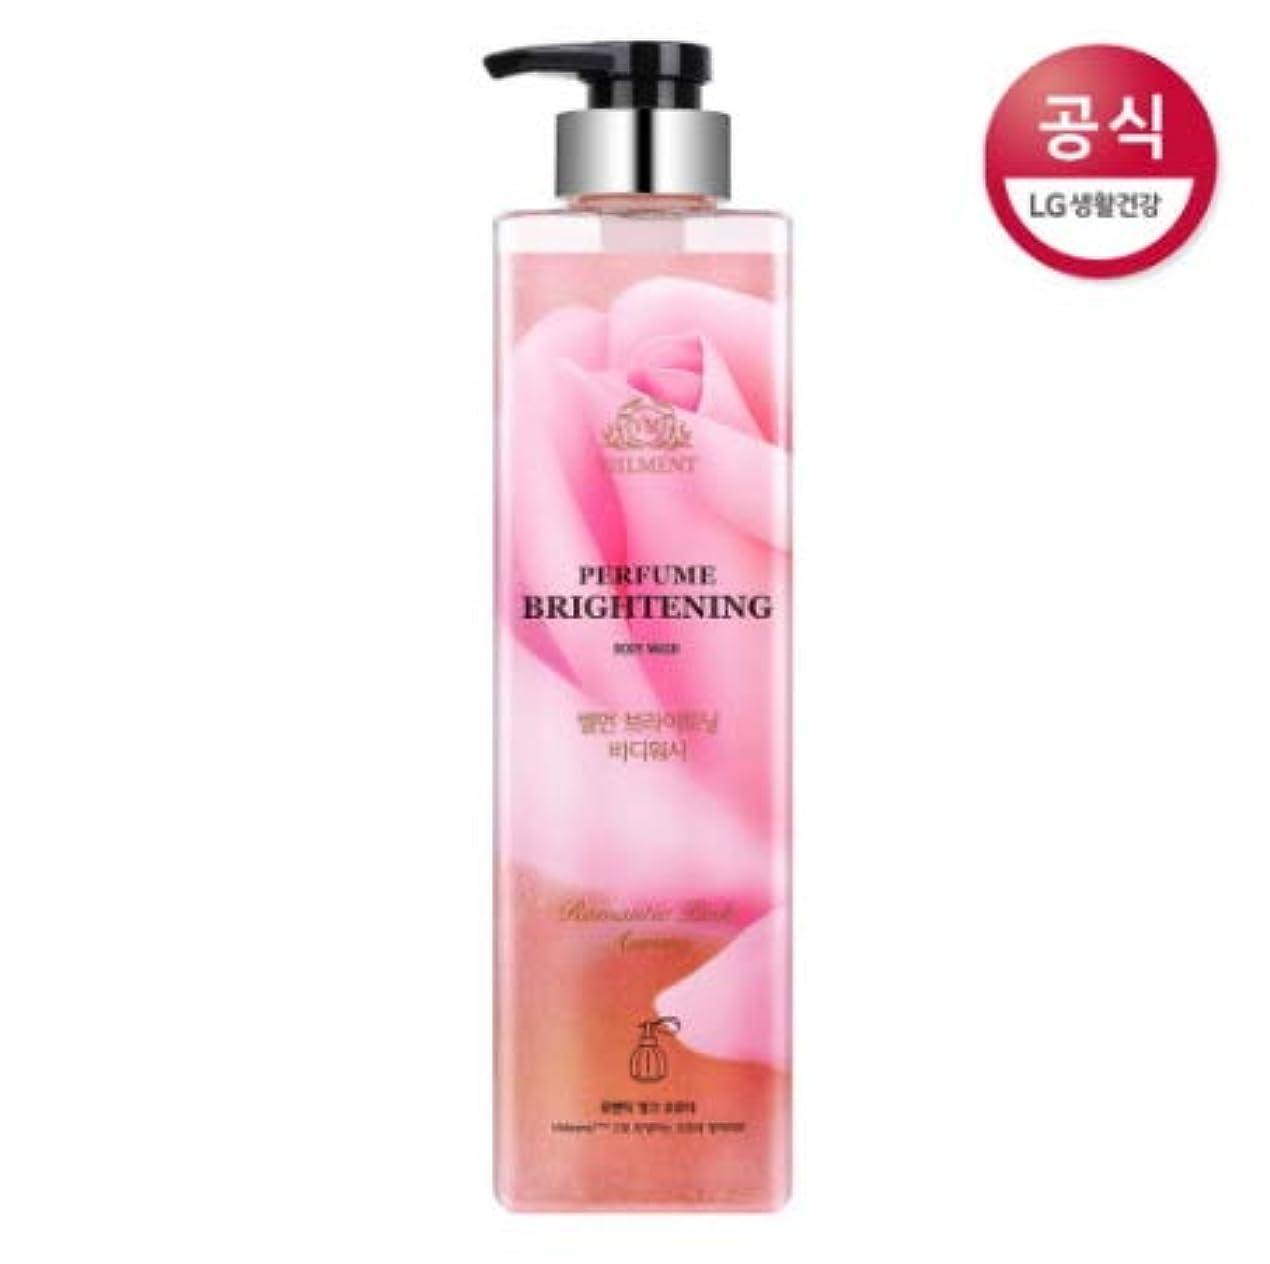 学士ナチュラ忍耐[LG HnB] On the Body Belman Perfume Brightening Body Wash / オンザボディベルモンパフュームブライトニングボディウォッシュ680mlx1個(海外直送品)